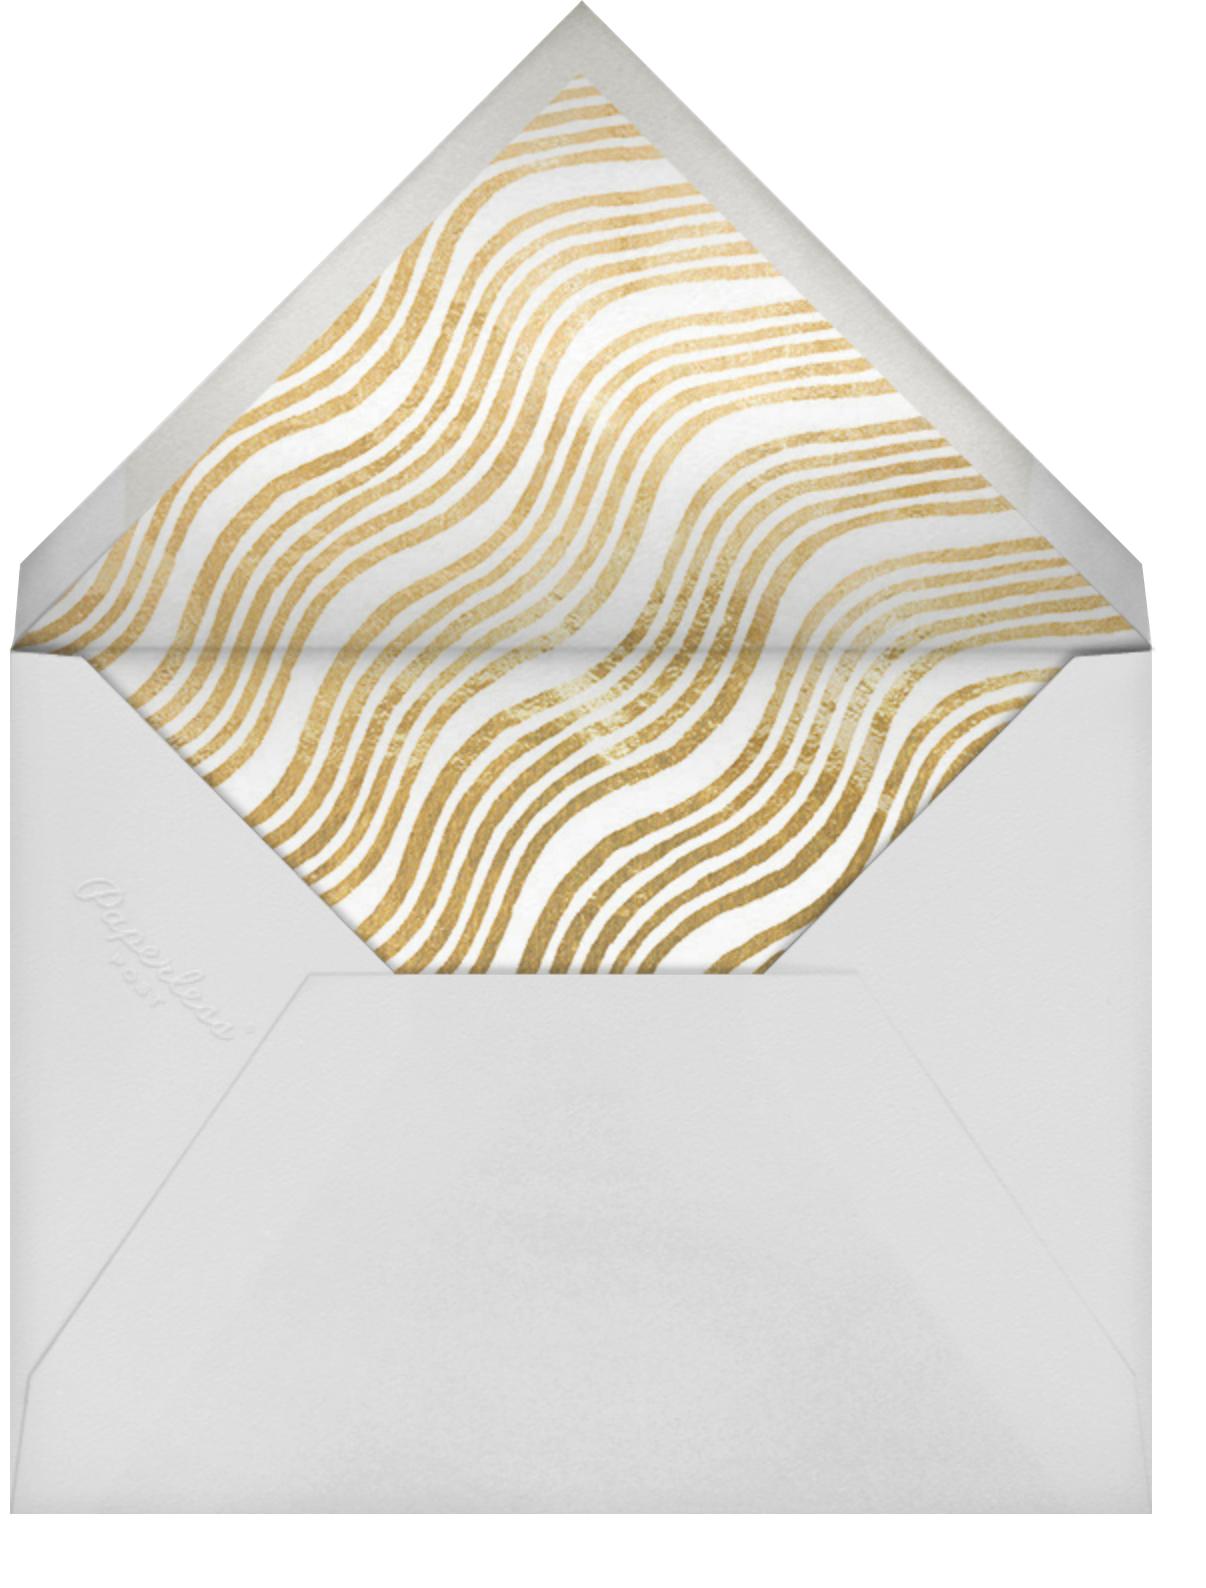 Luminate (Tall) - Kelly Wearstler - Adult birthday - envelope back